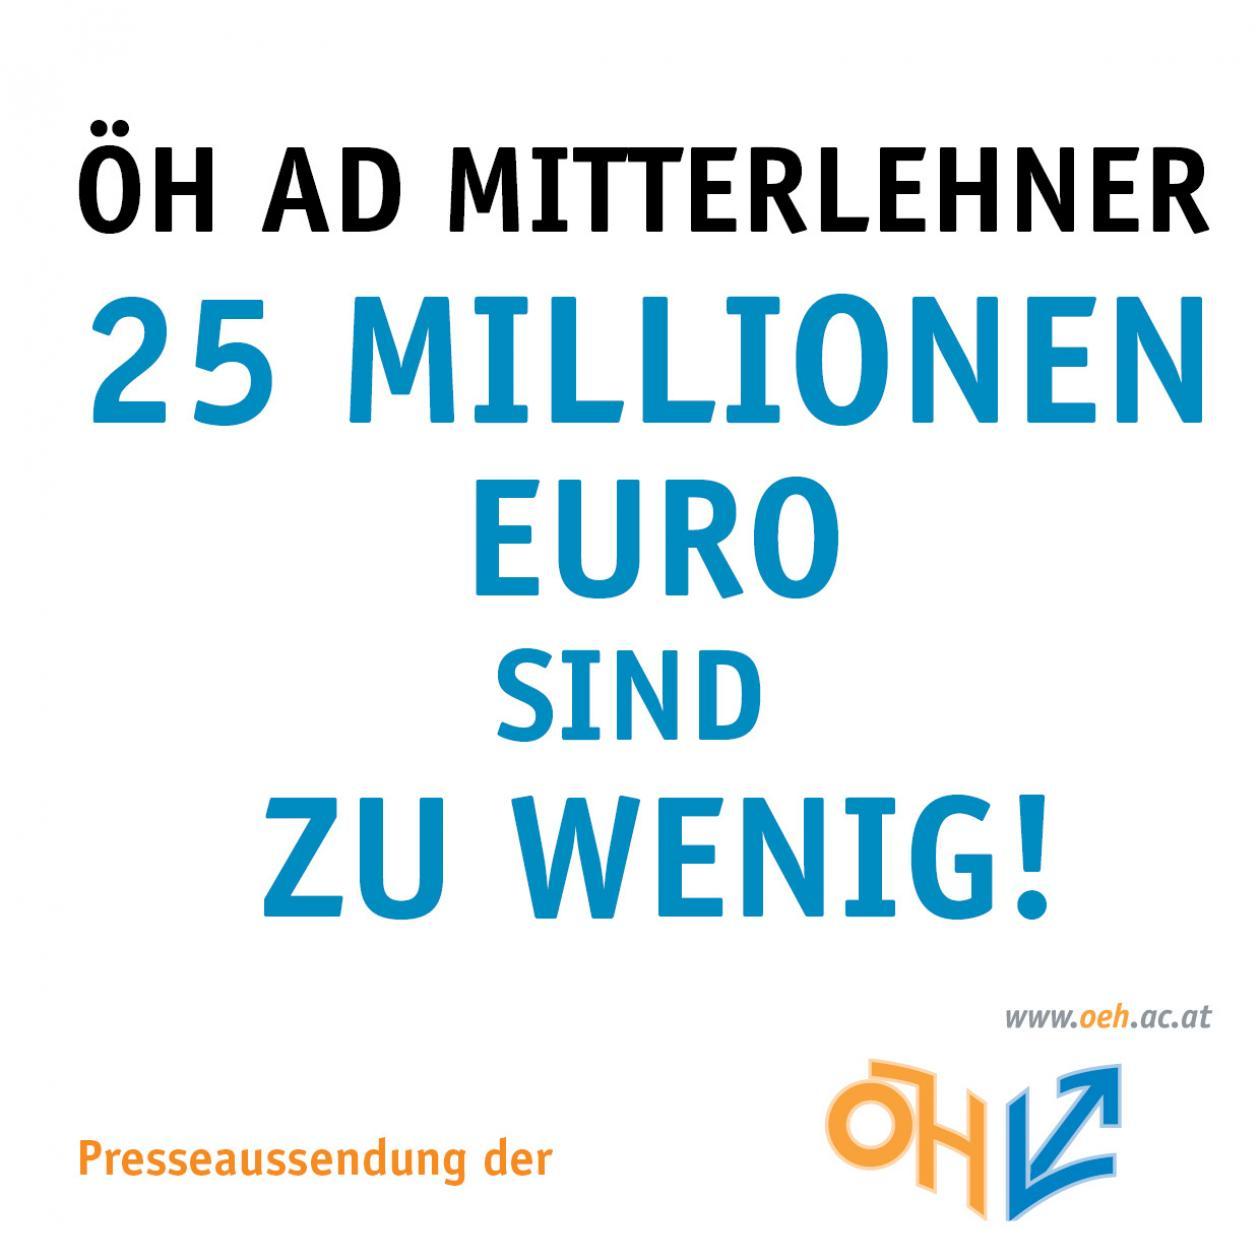 ÖH ad Mitterlehner 25 Millionen Euro sind zu wenig!